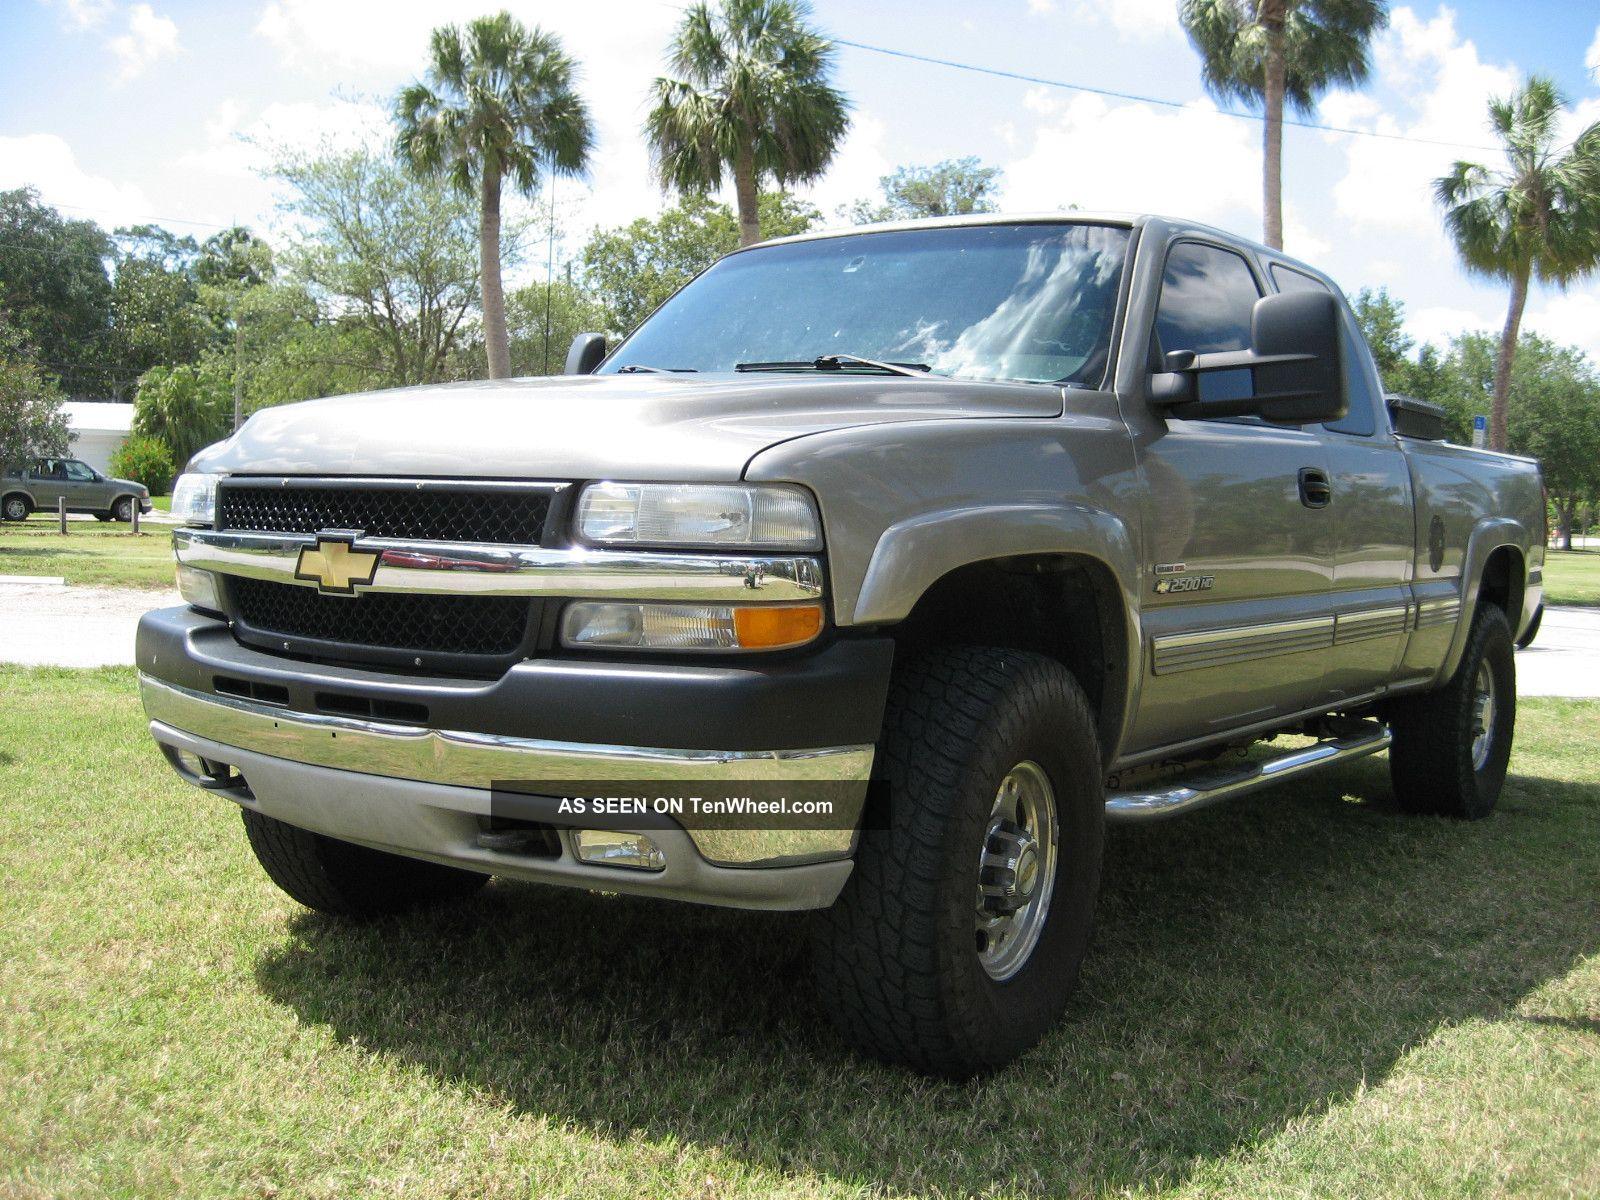 2002 Silverado Diesel Duramax Extra Cab - Lifted On 35 ' S Silverado 2500 photo